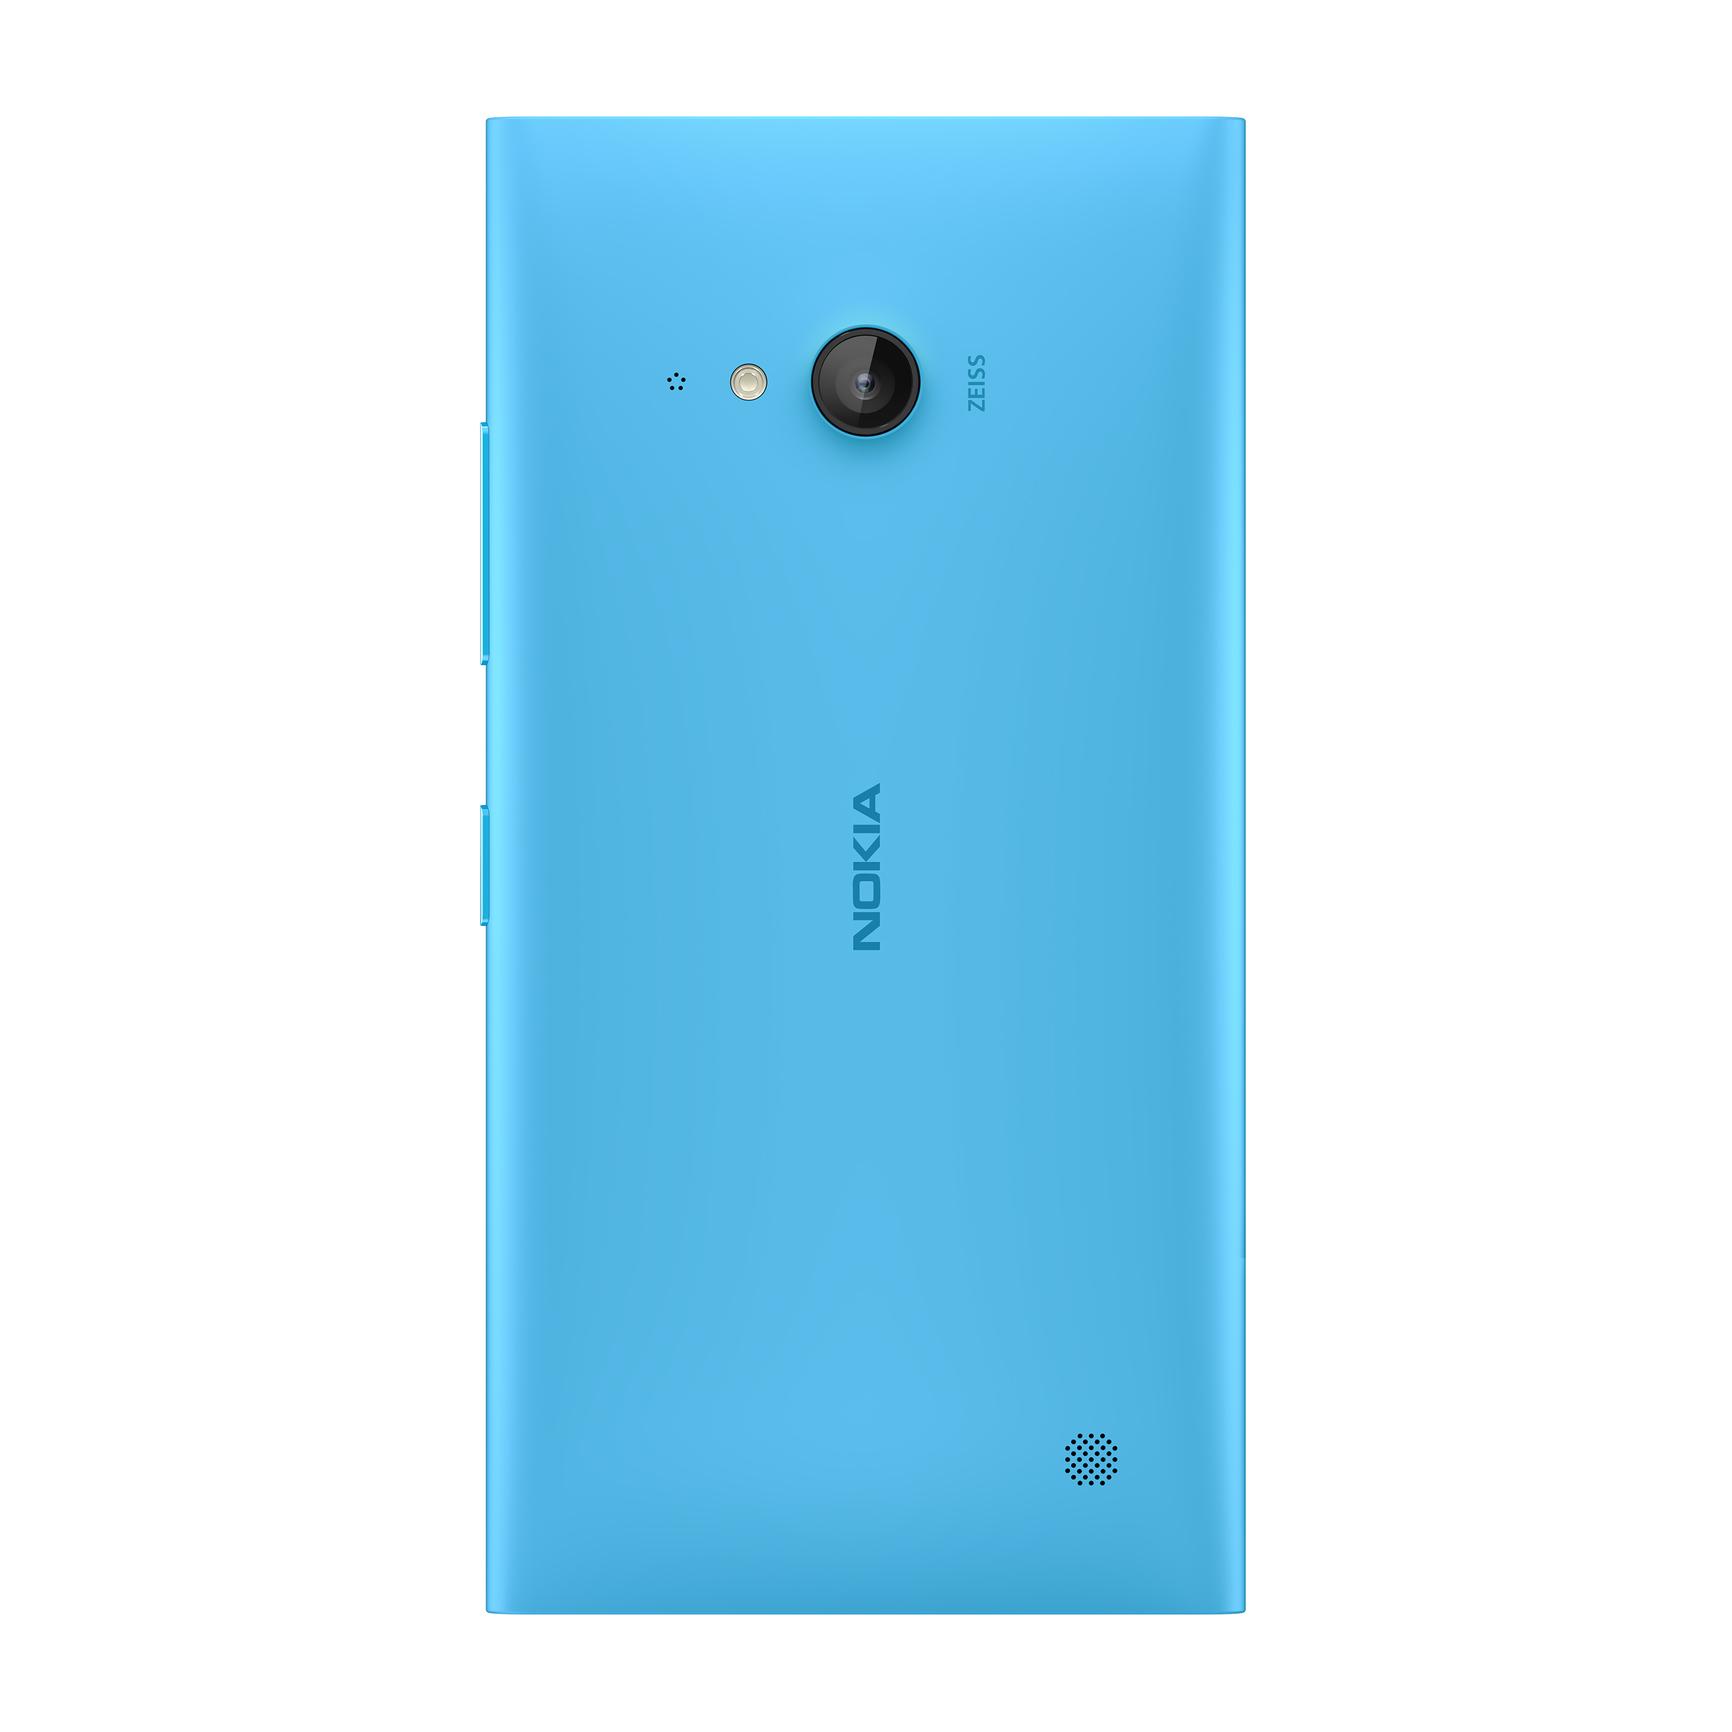 Lumia_735_1.jpg